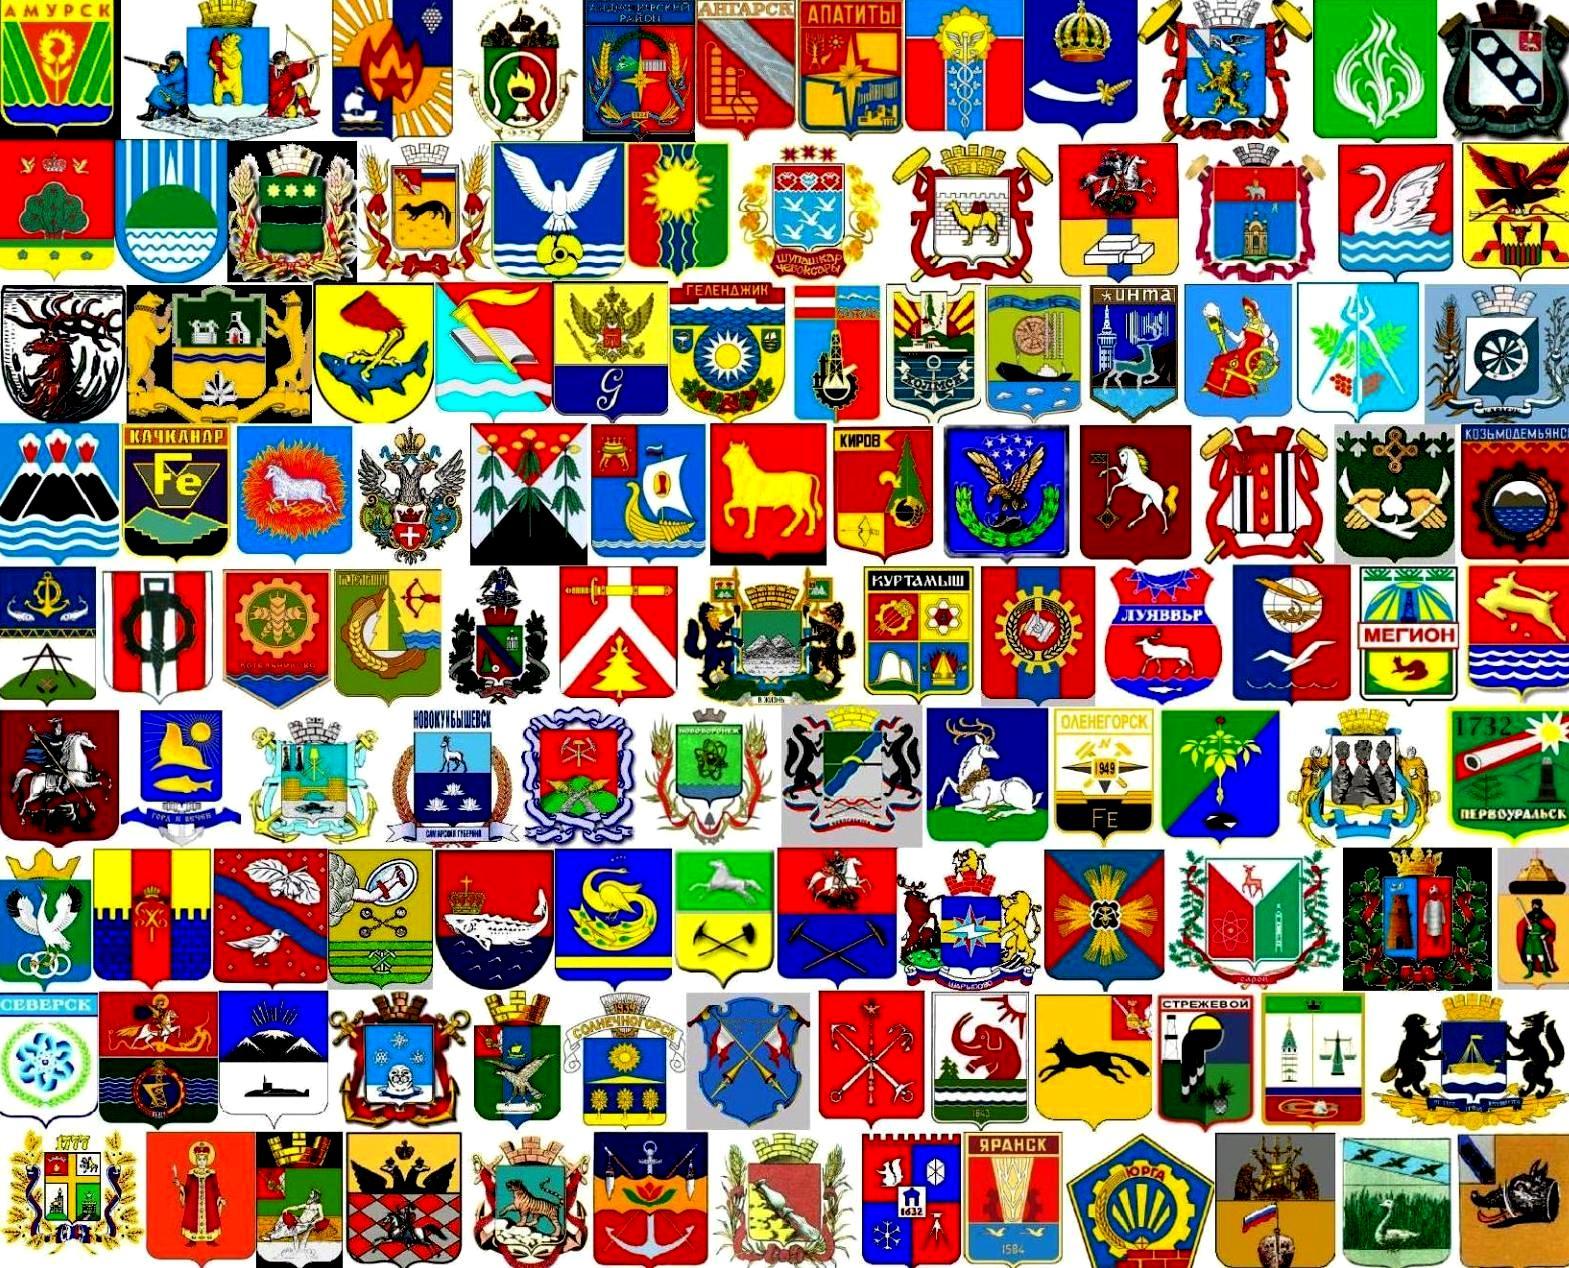 Гербы всех городов картинки